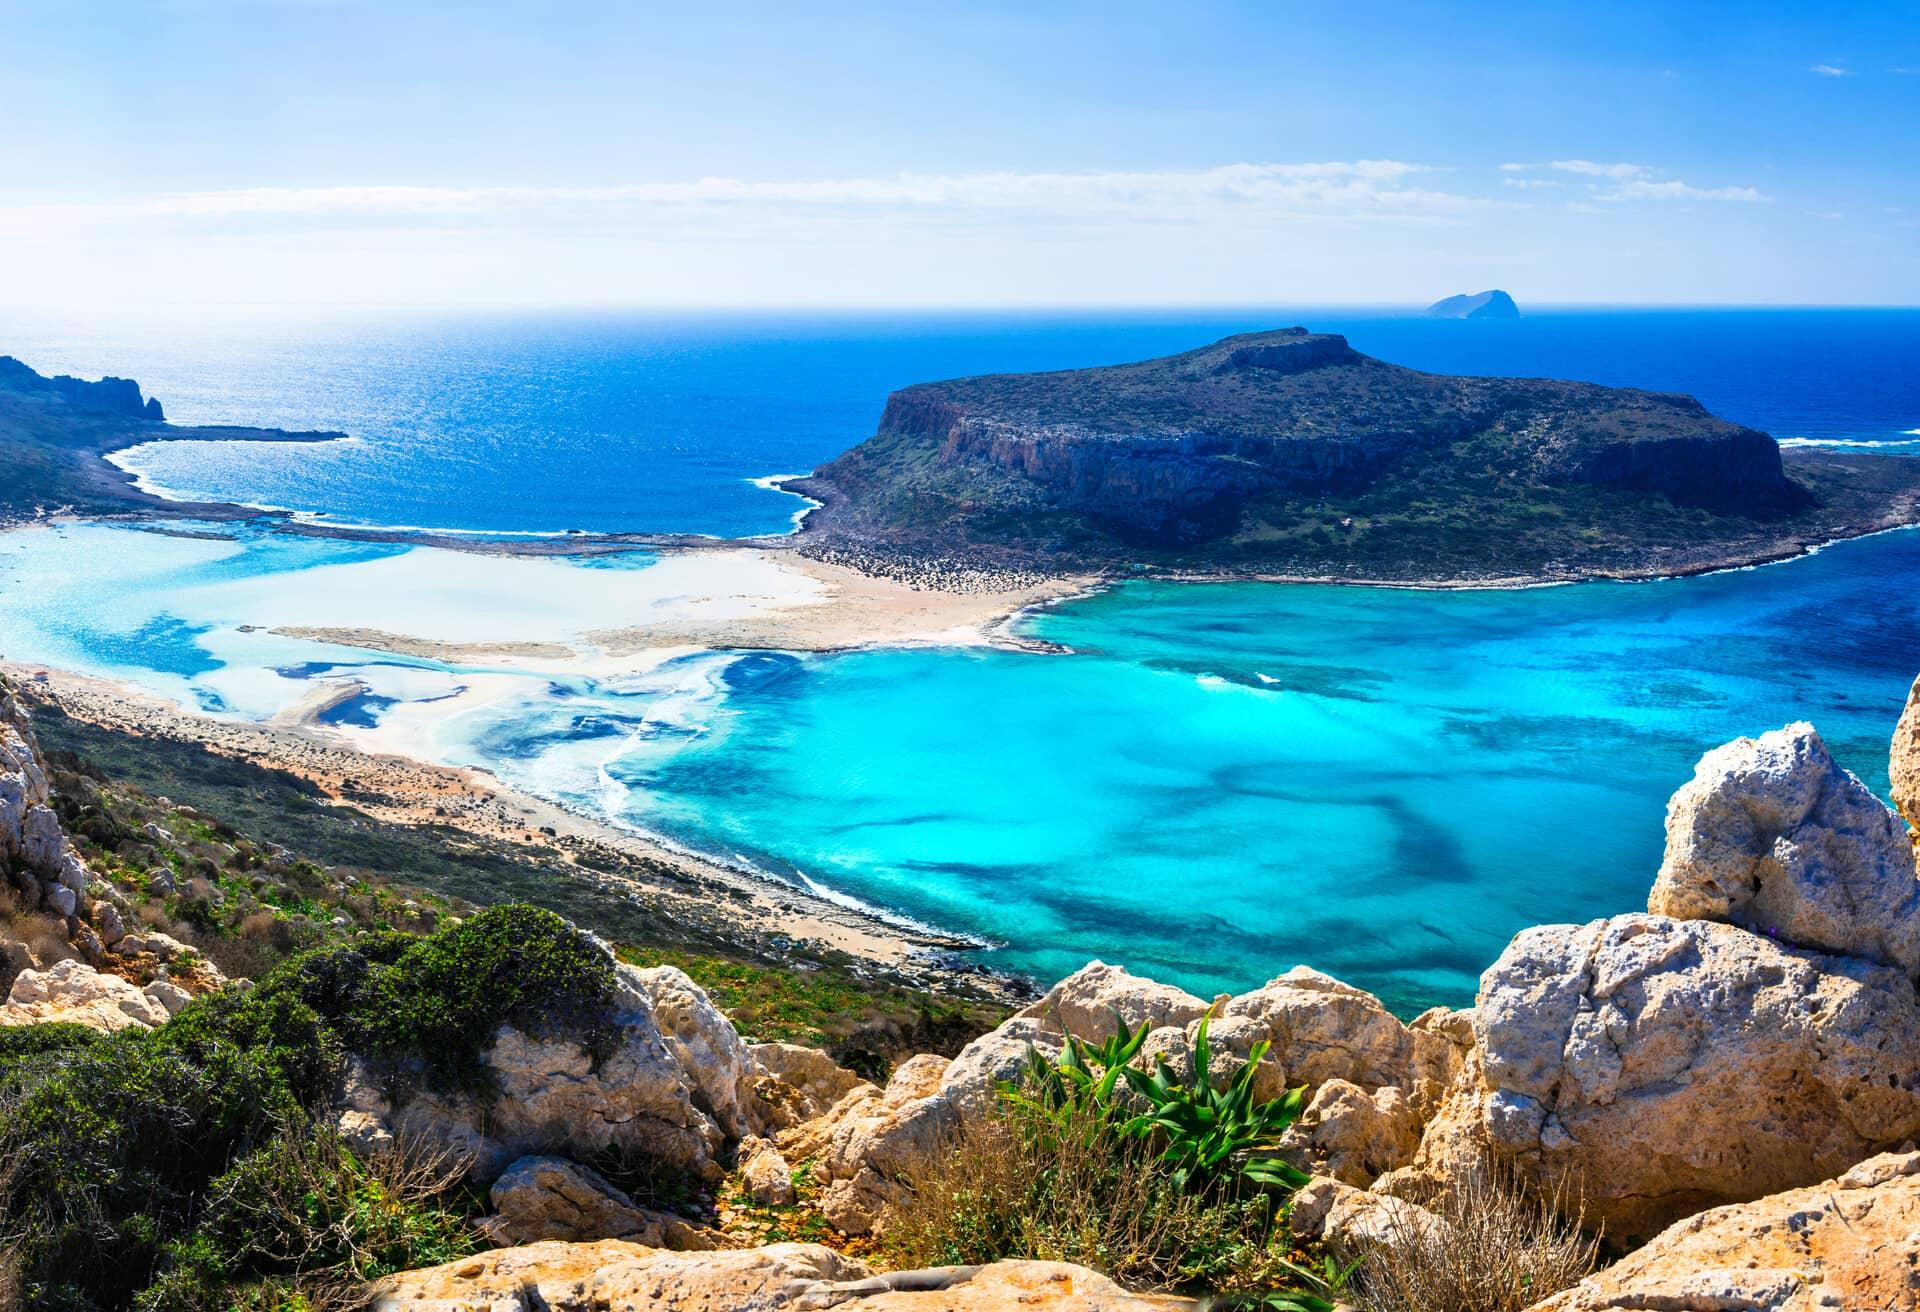 A breath-taking view over Crete, Greece.